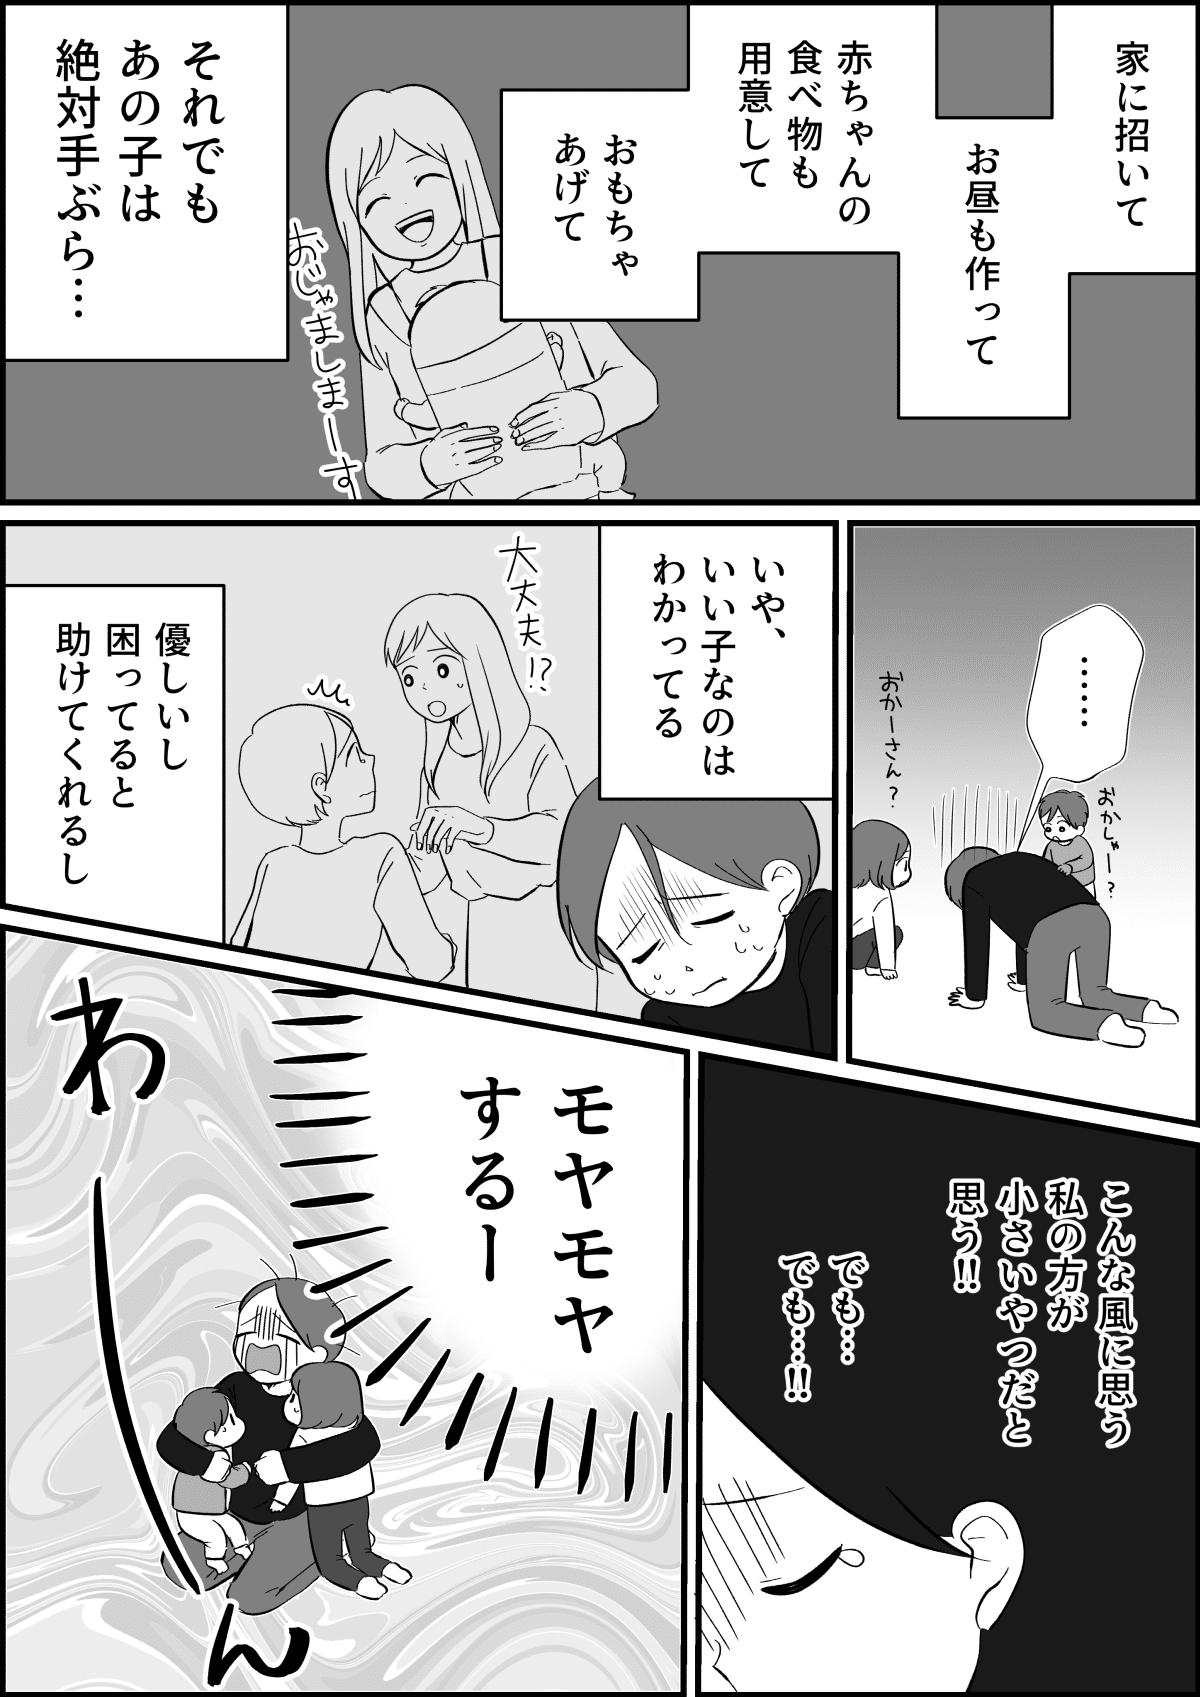 コミック_003 (9)